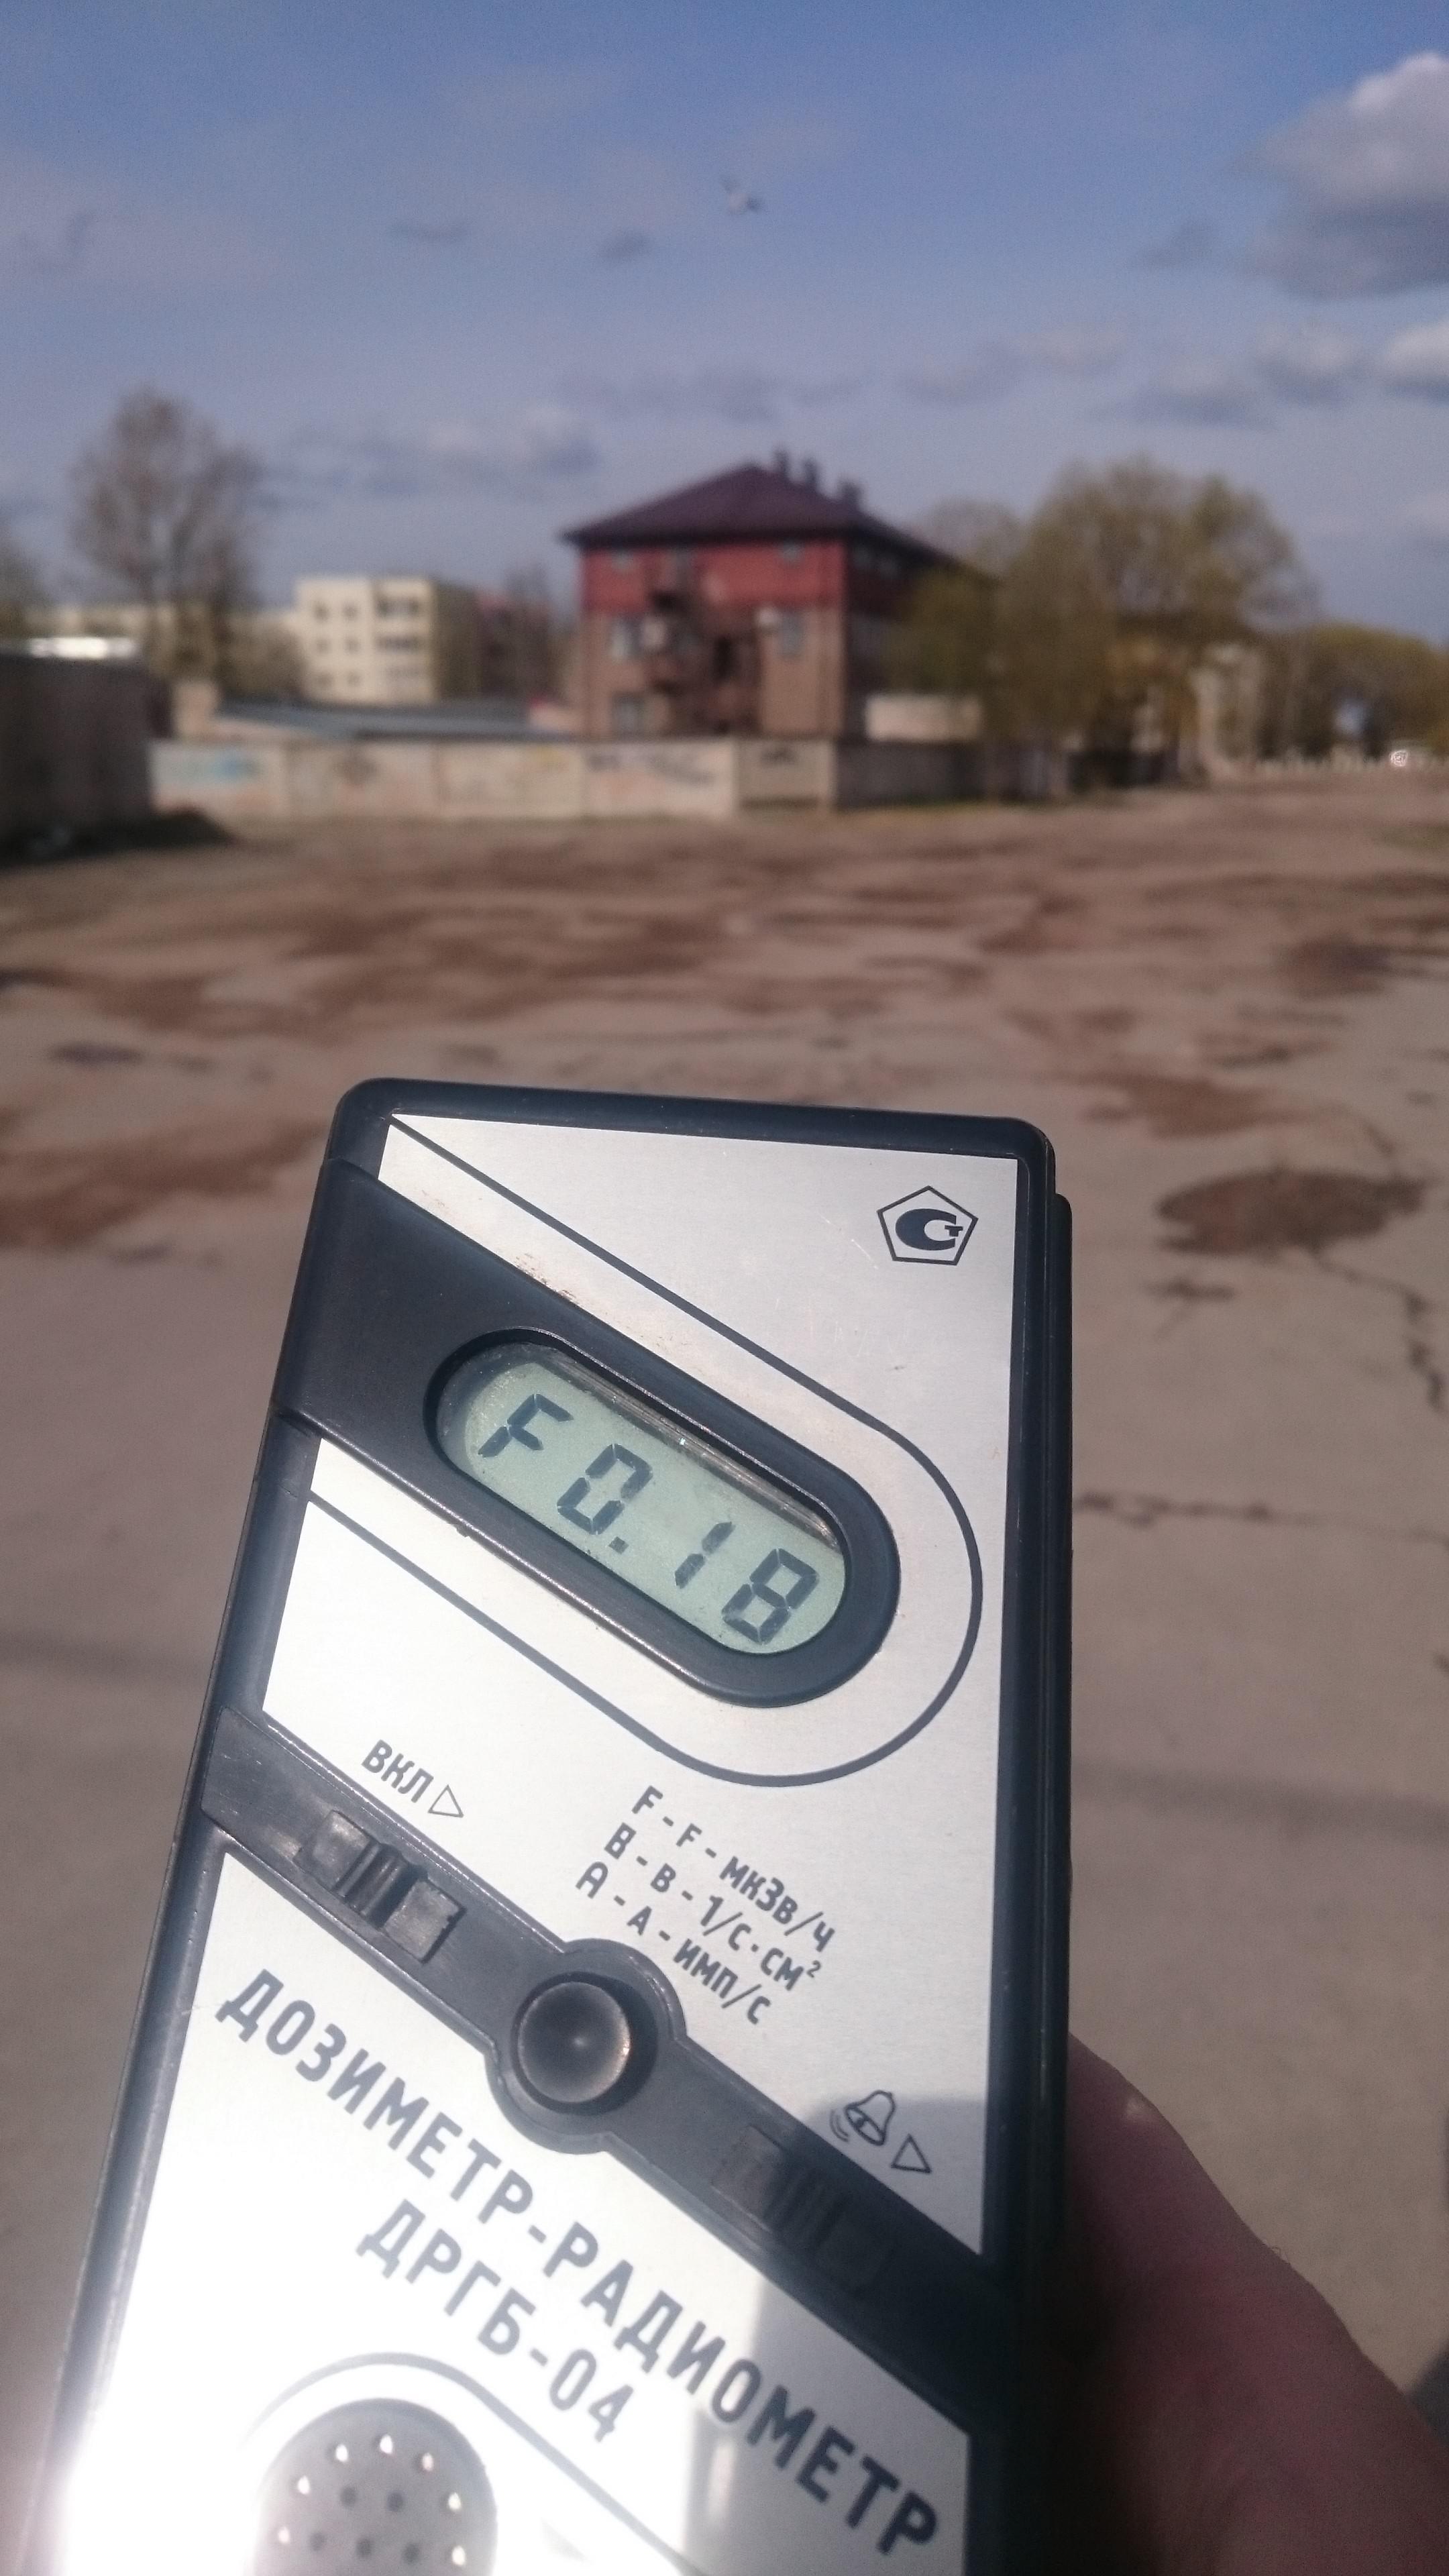 Точка измерения МЭД гамма-излучени в г. Великий Новгород